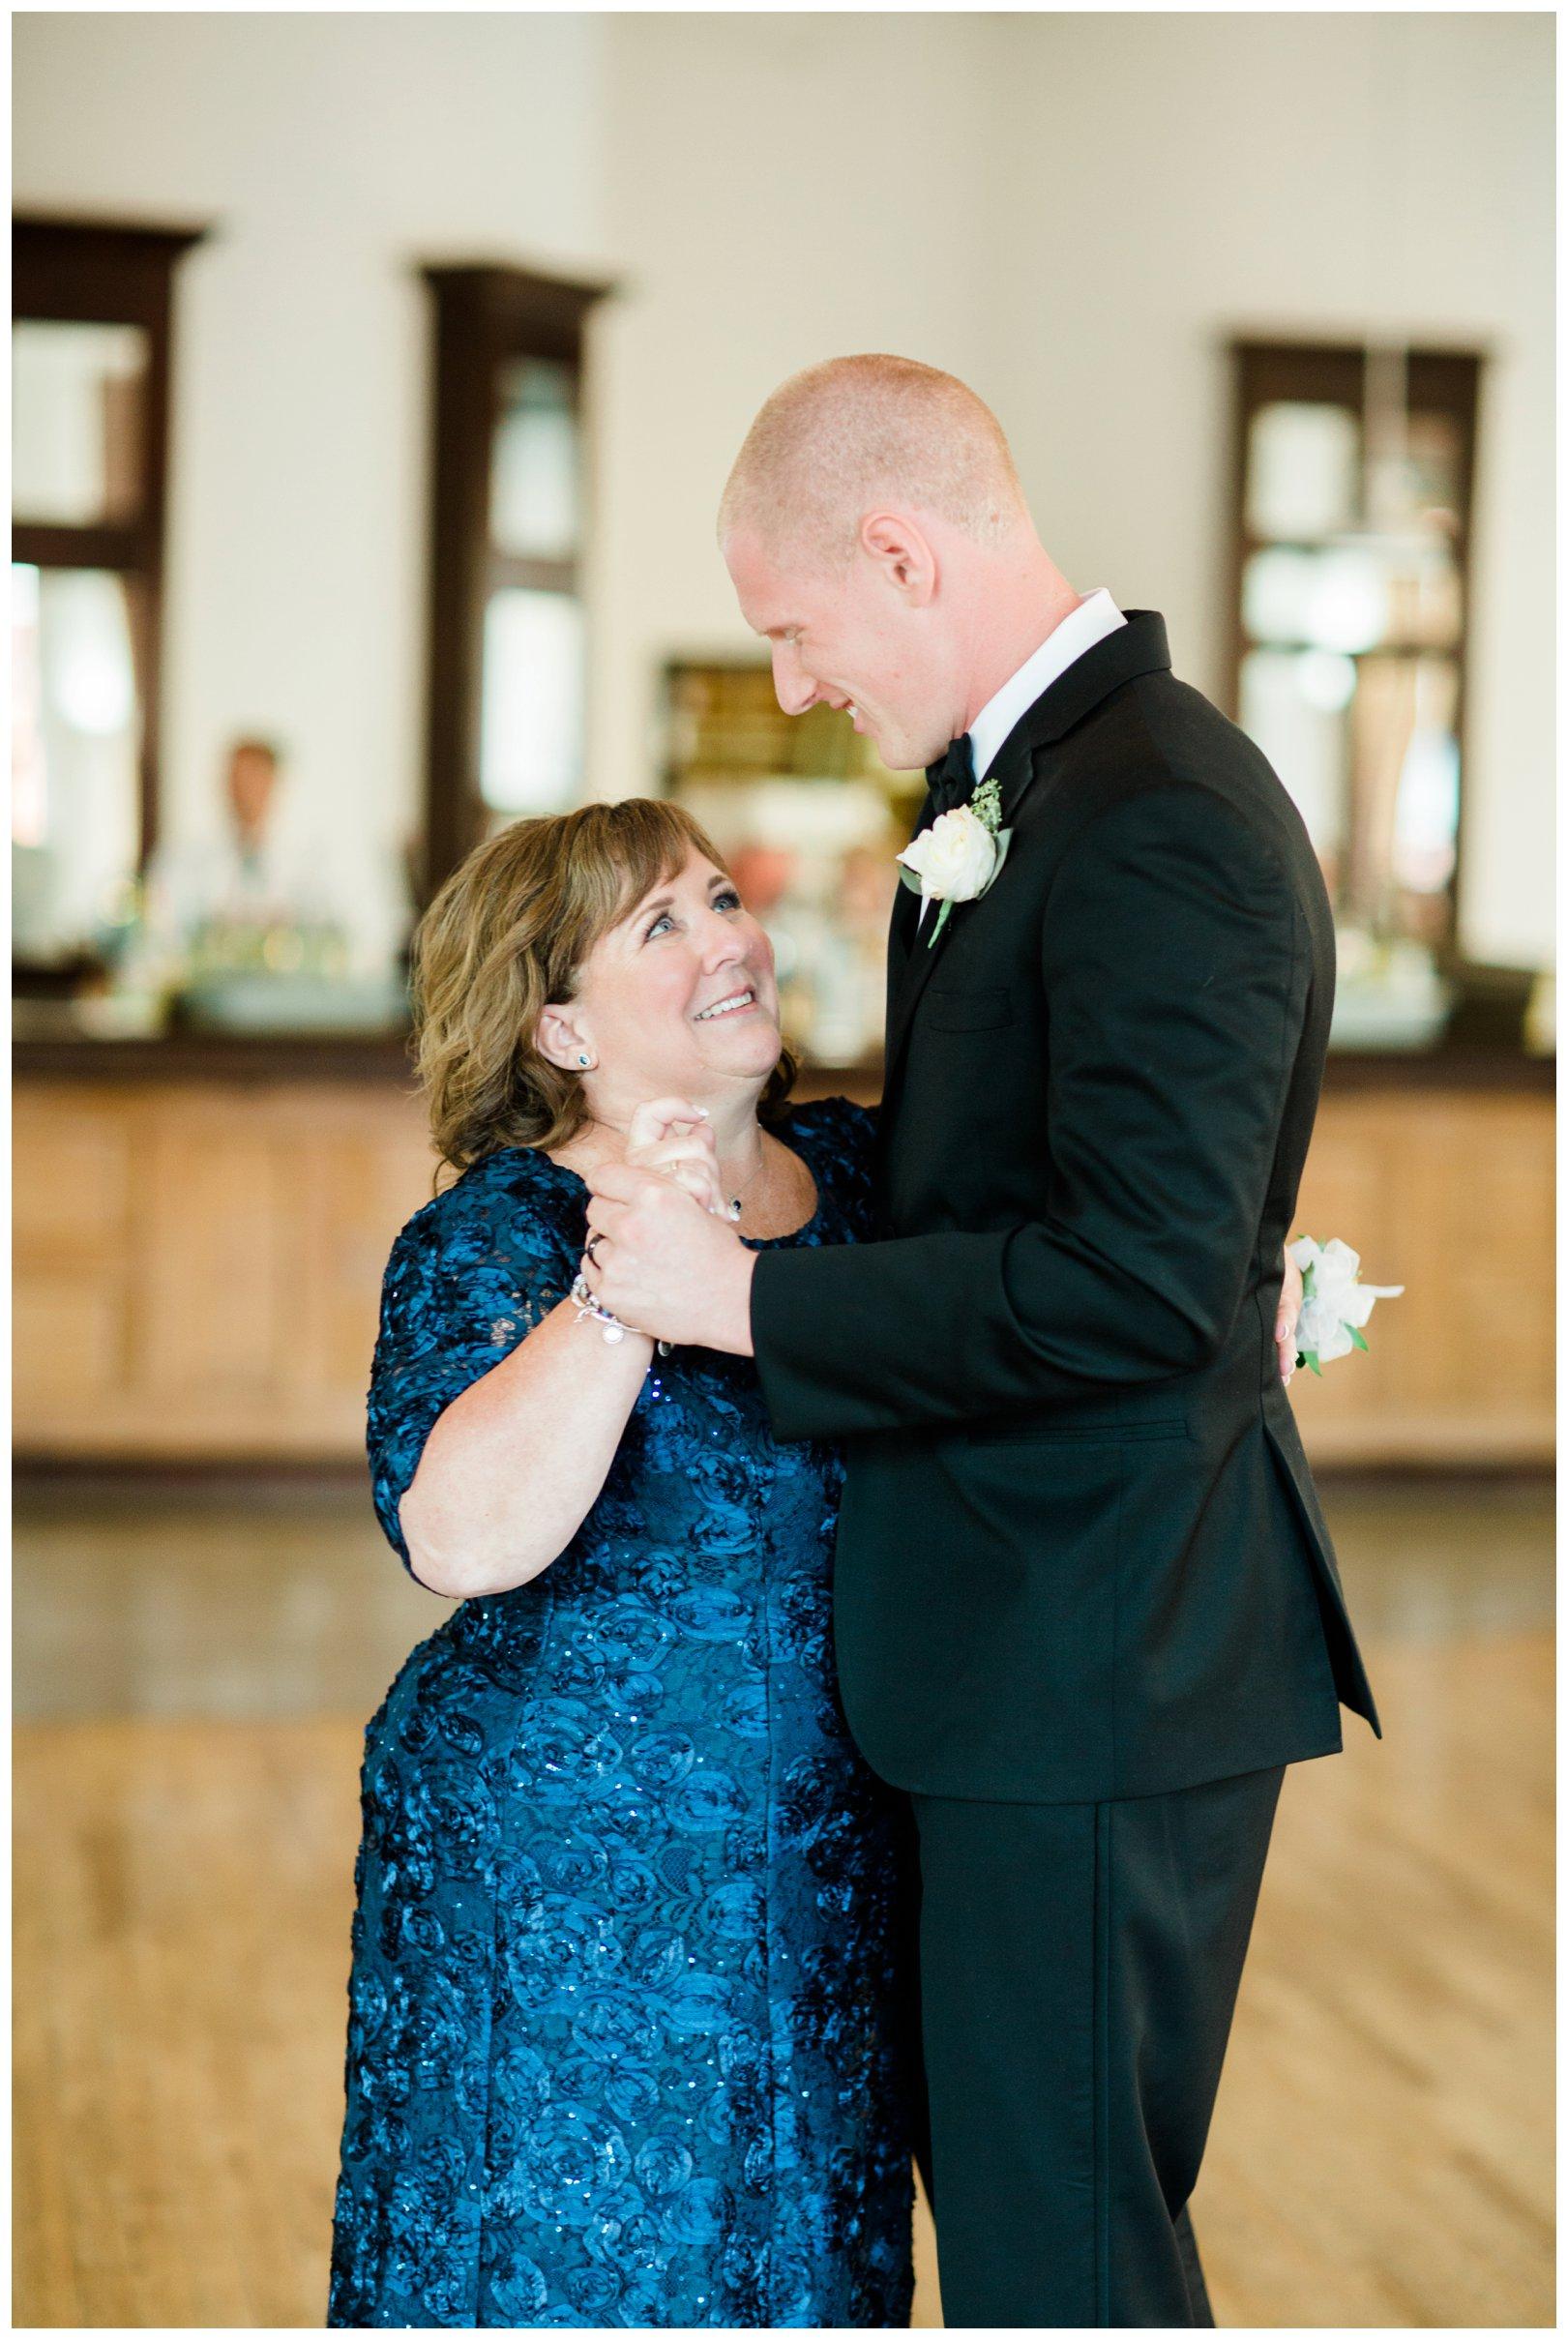 lauren muckler photography_fine art film wedding photography_st louis_photography_1337.jpg